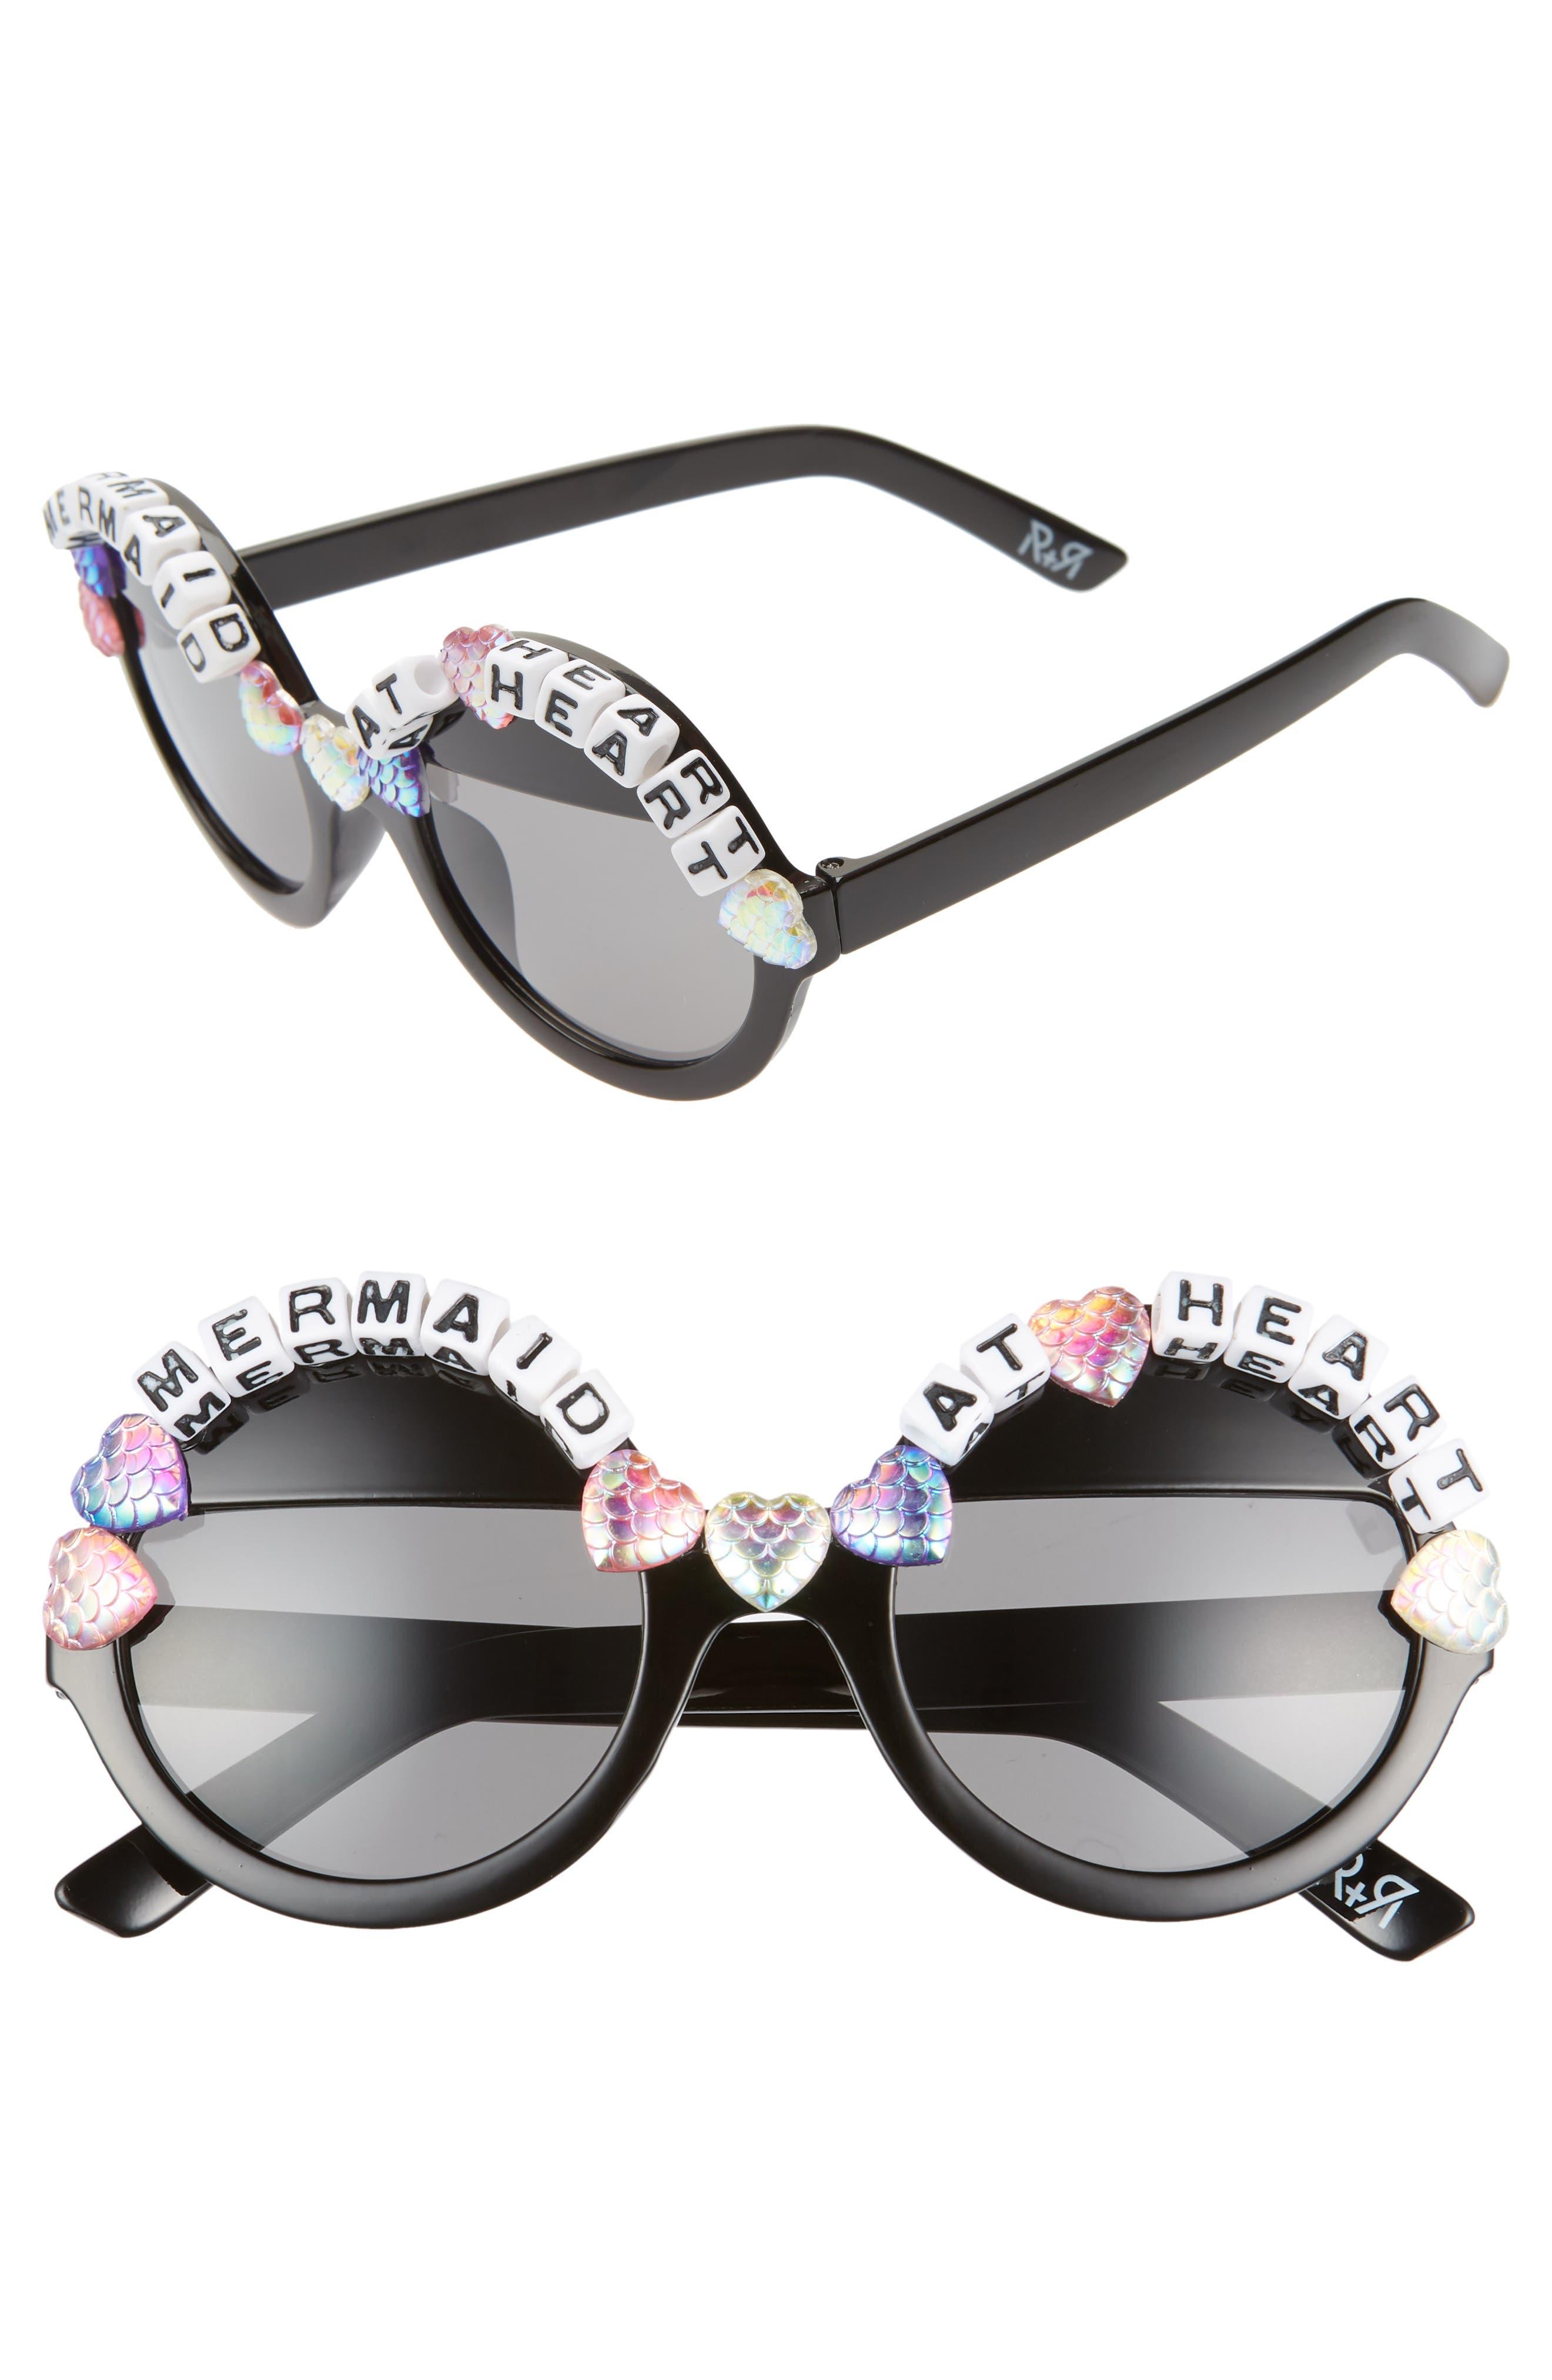 Rad + Refined Mermaid At Heart Round Sunglasses - Black/ Multi